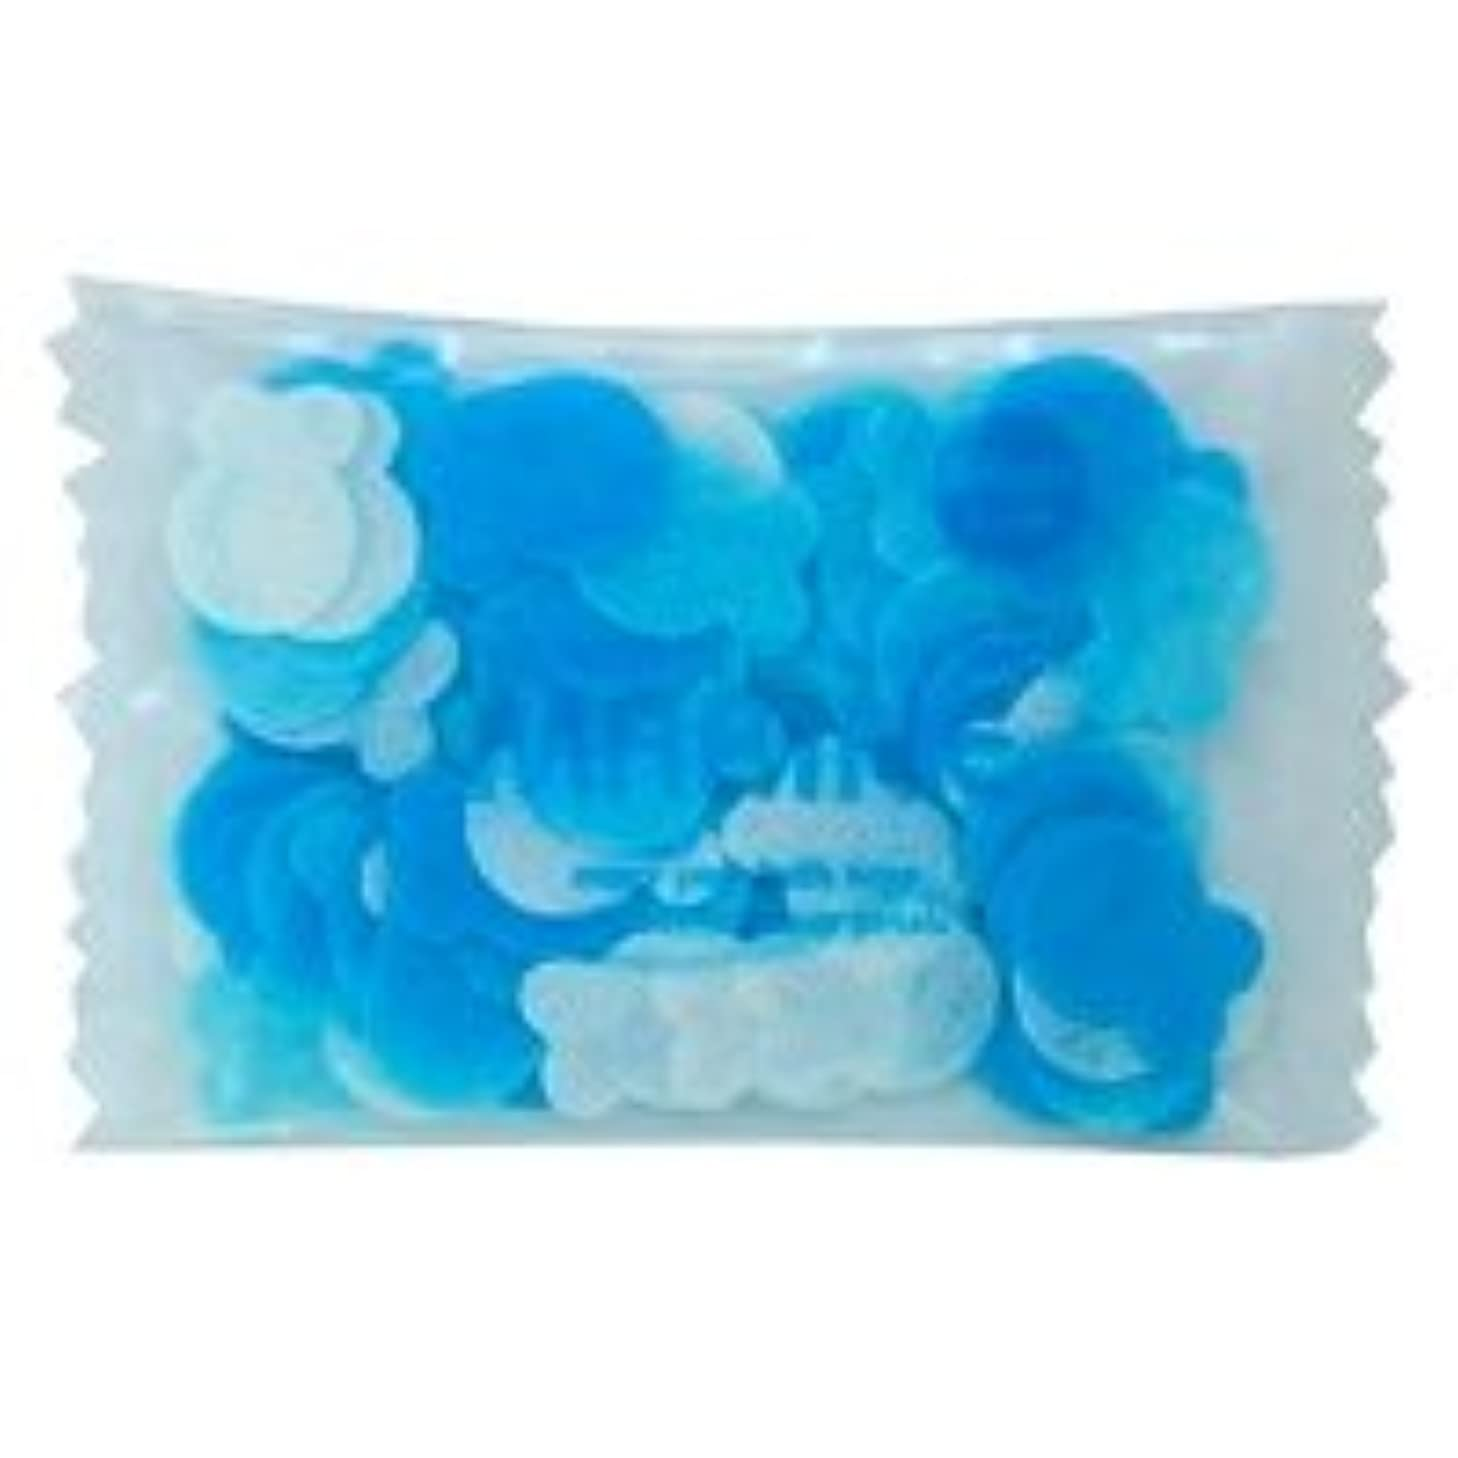 天文学ブルジョン最初はフラワーペタル バブルバス ミニパック「マリン」20個セット 穏やかで優しい気持ちになりたい日に心をなごませてくれる爽やかなマリンの香り